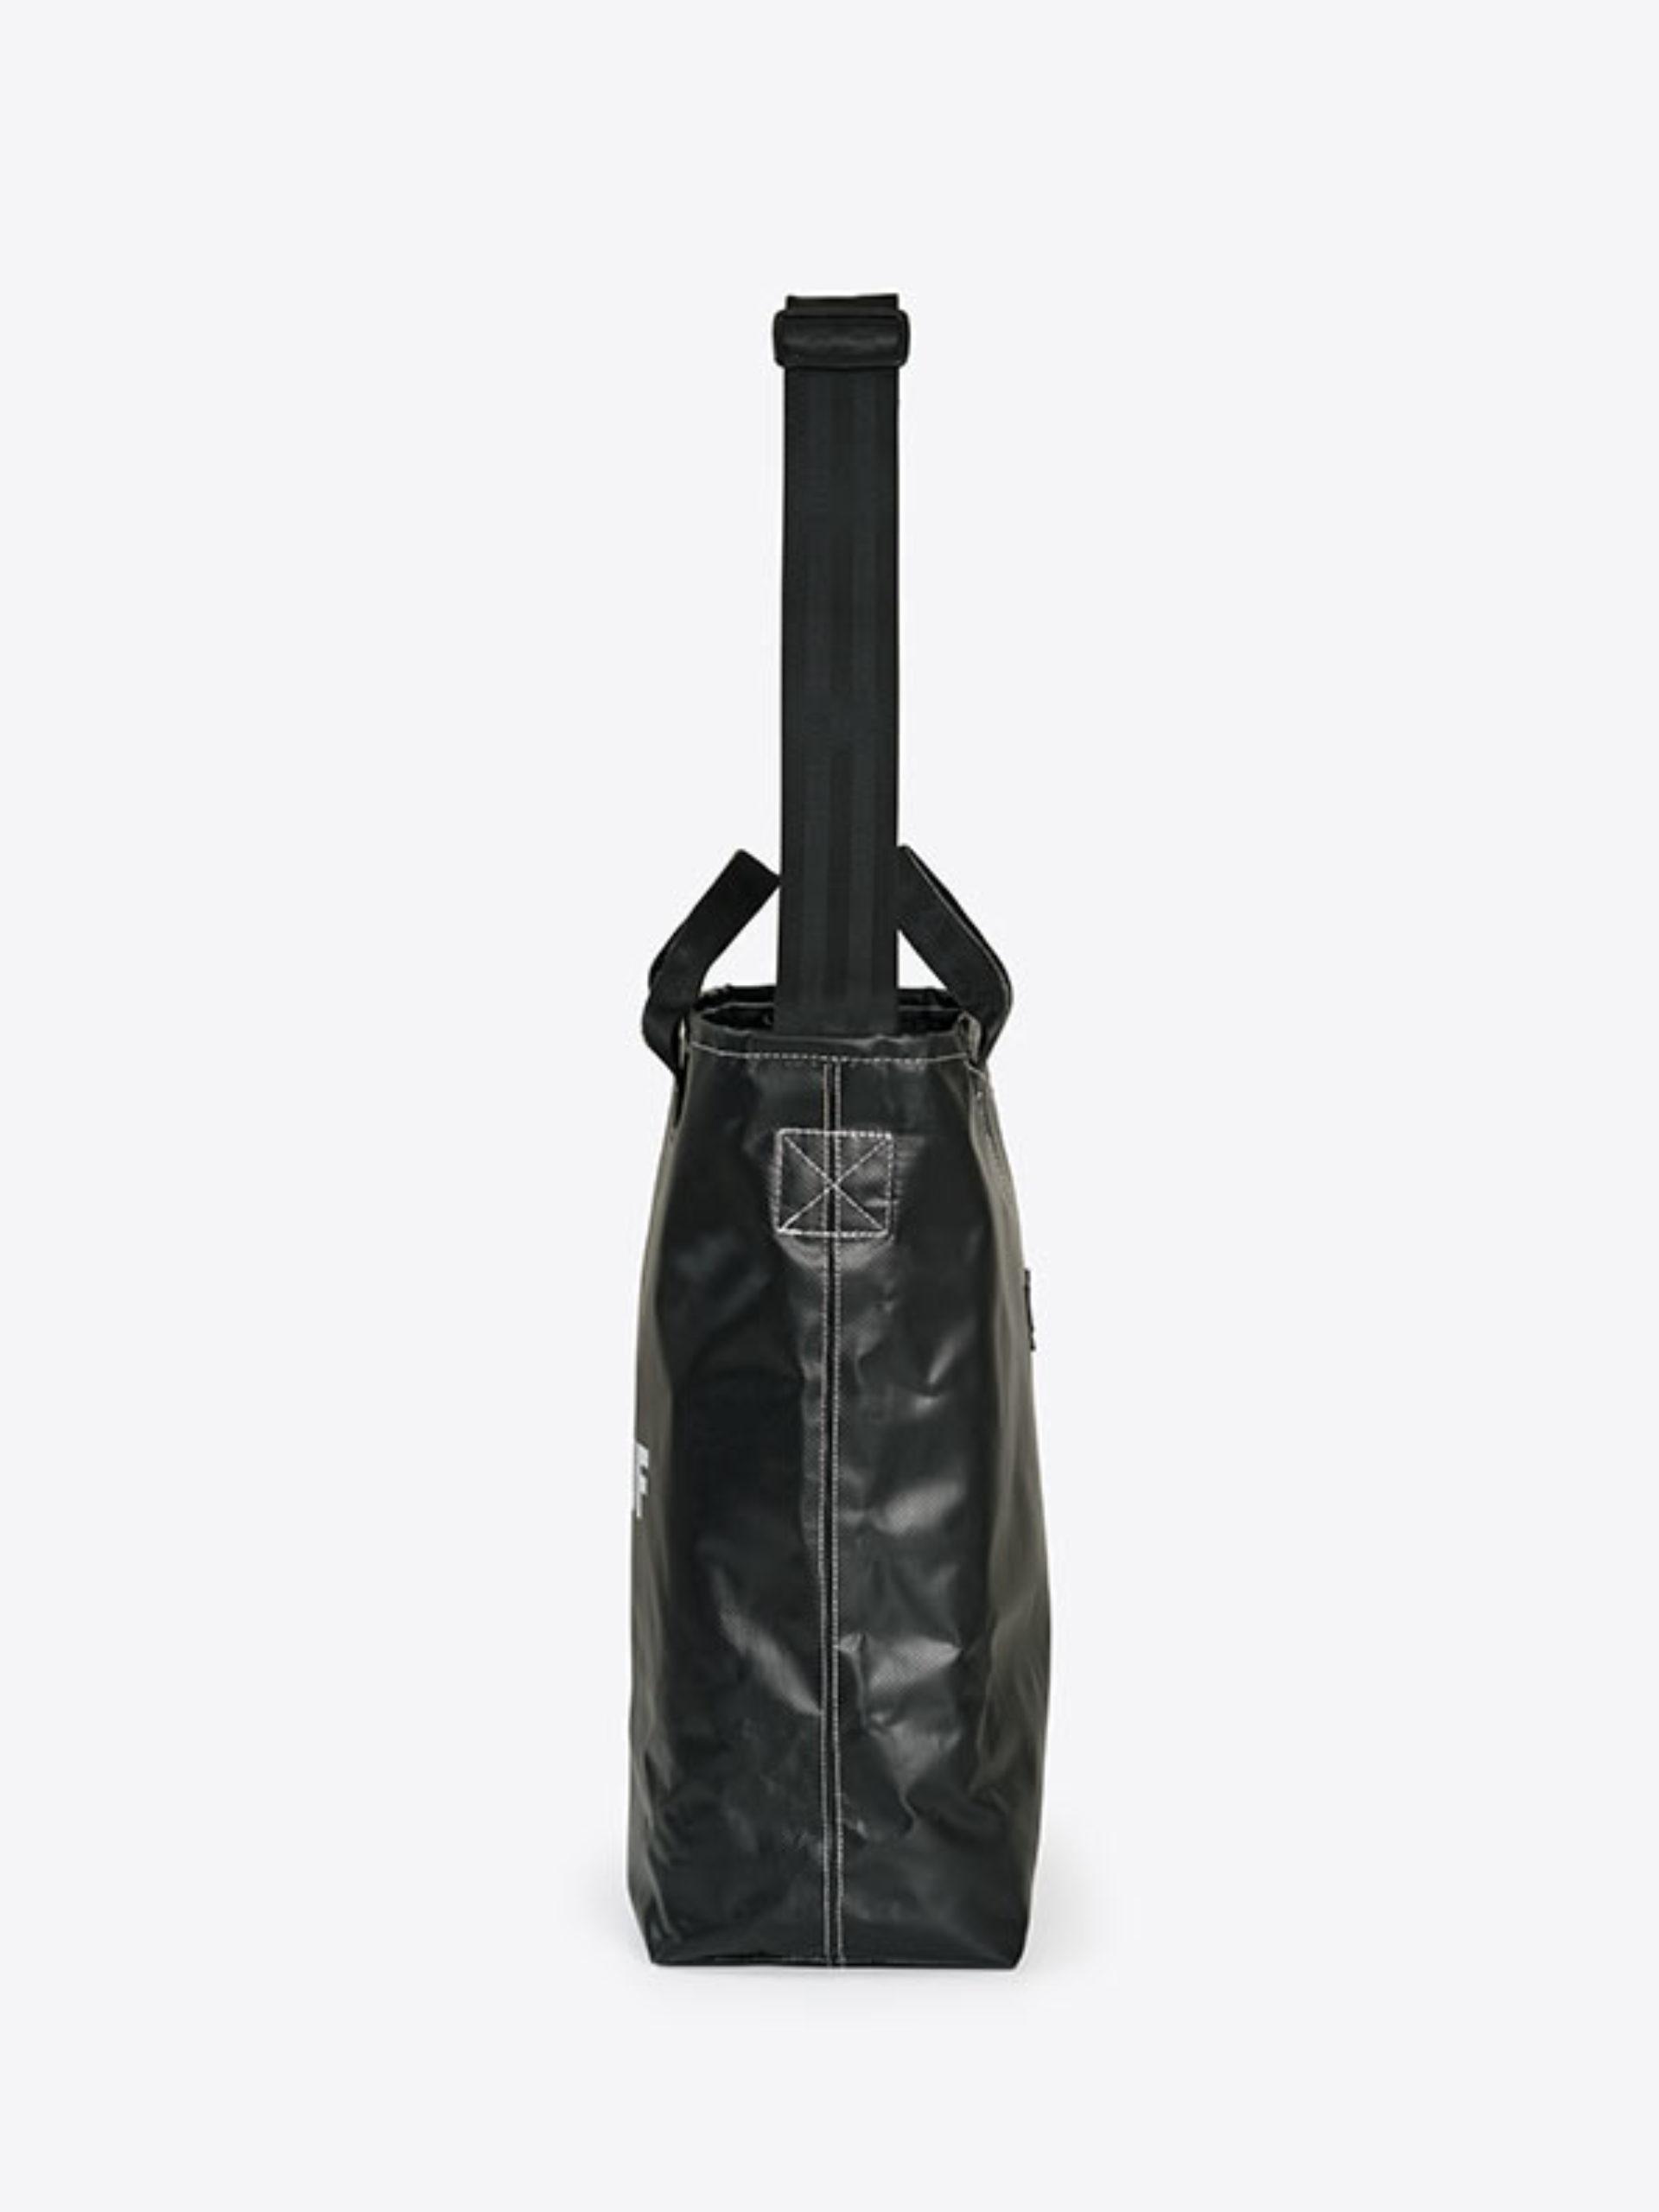 Shoppingbag Handtasche Blache Bedruckt Seite